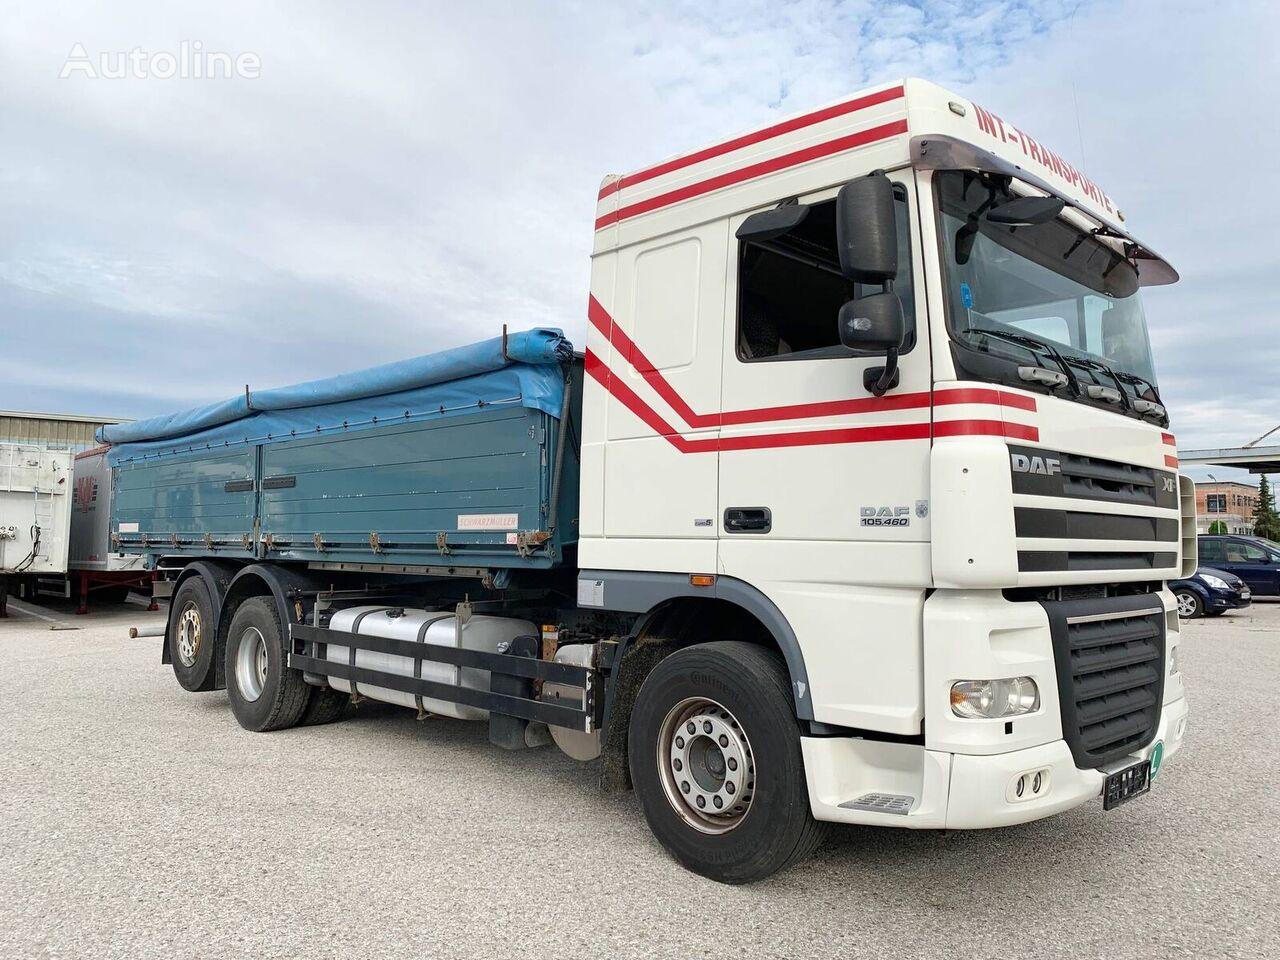 DAF XF105 kravas automašīna graudu pārvadāšanai